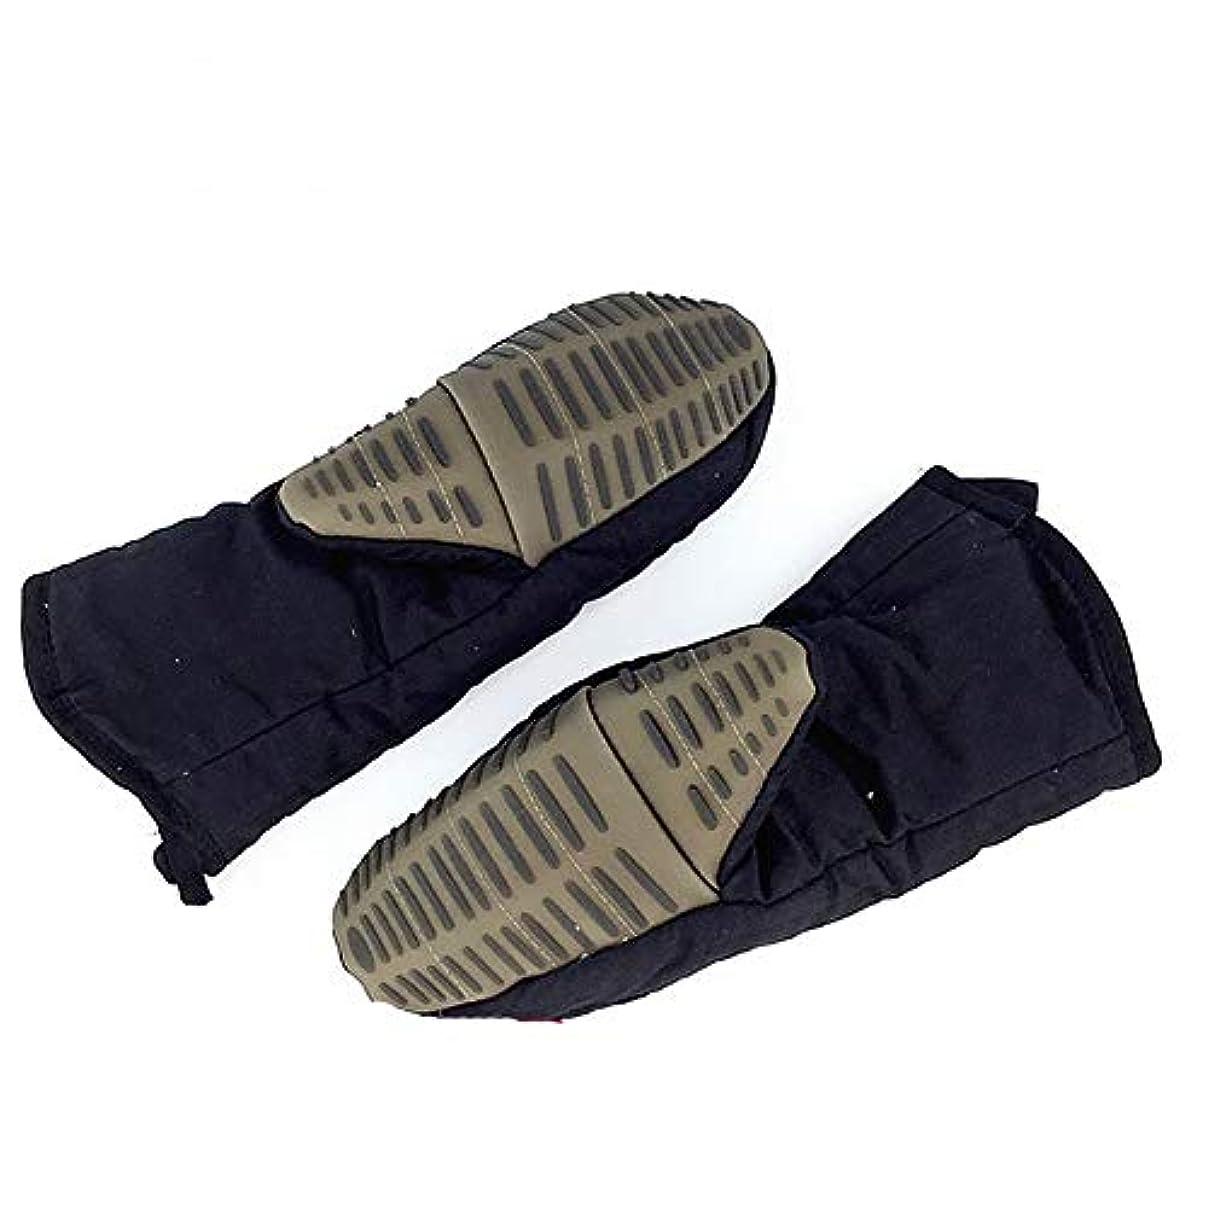 煙マウントバンク現れるBAJIMI 手袋 実用断熱手袋シリコーン高温耐性300度オーブン電子レンジやけ防止耐熱手袋